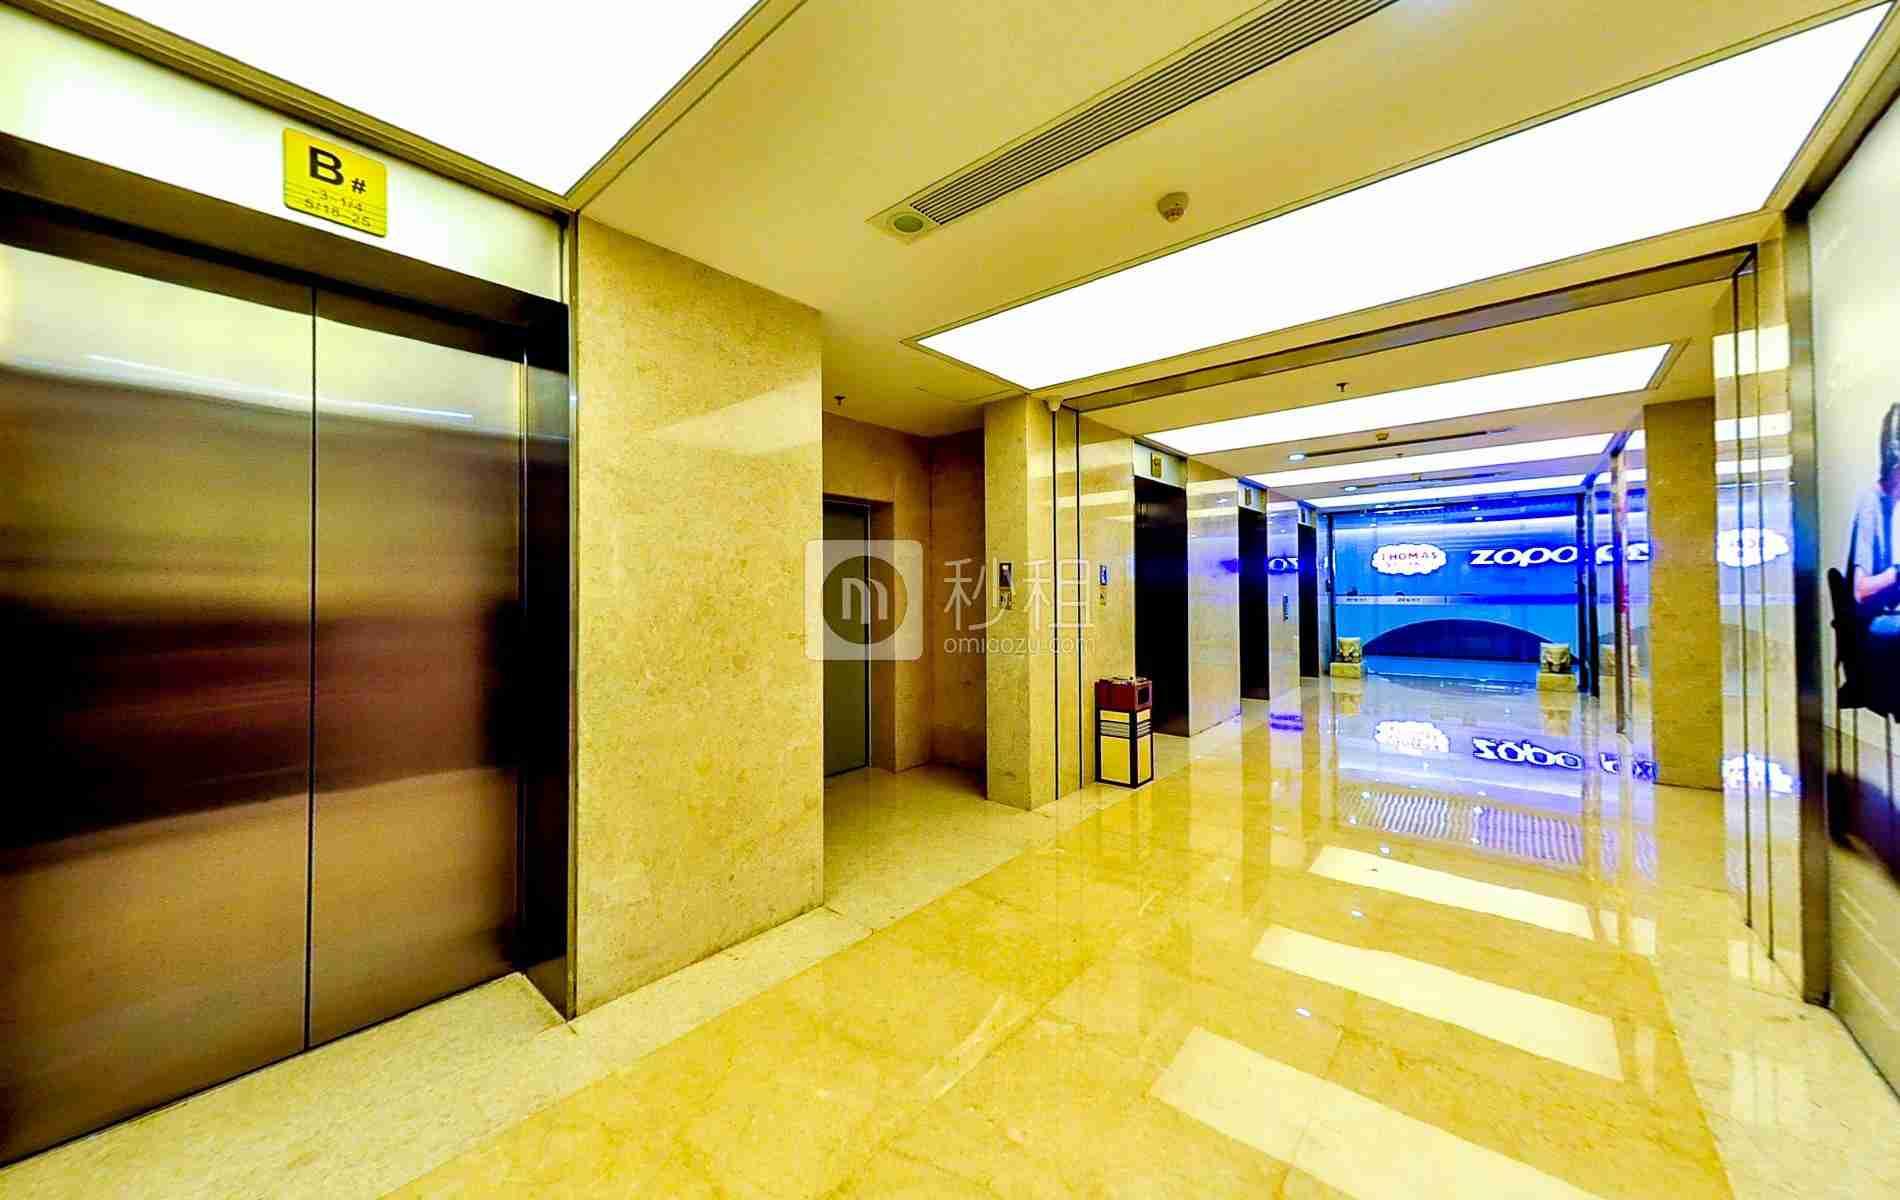 豪威科技大厦写字楼出租/招租/租赁,豪威科技大厦办公室出租/招租/租赁